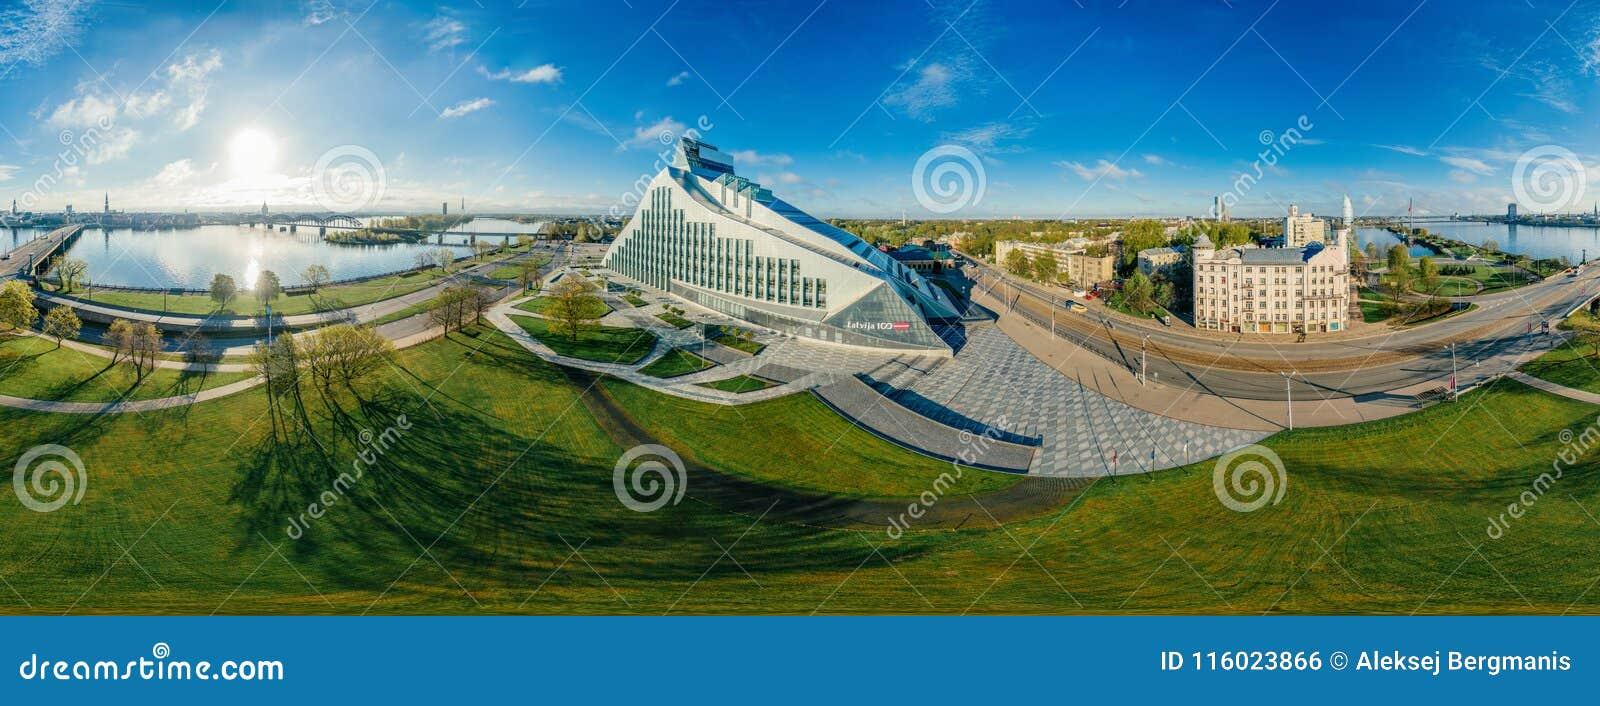 Sfärplanet Bro och arkiv i den Riga staden, Lettland 360 VR surrbild för virtuell verklighet, panorama